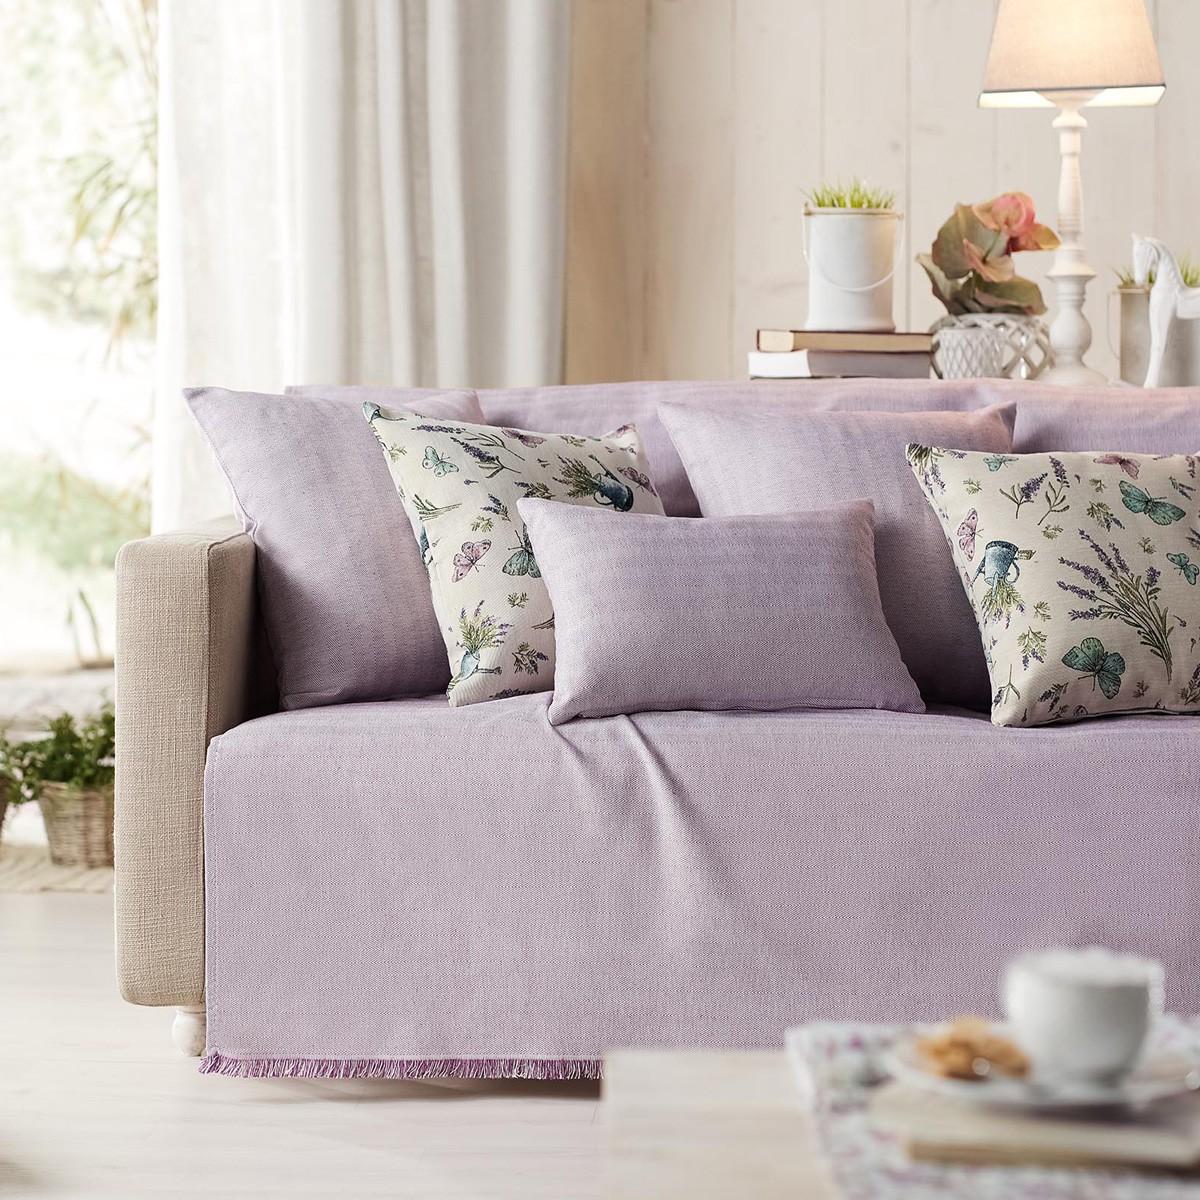 Ριχτάρι Πολυθρόνας (180×180) Gofis Home Rene Purple 732/19